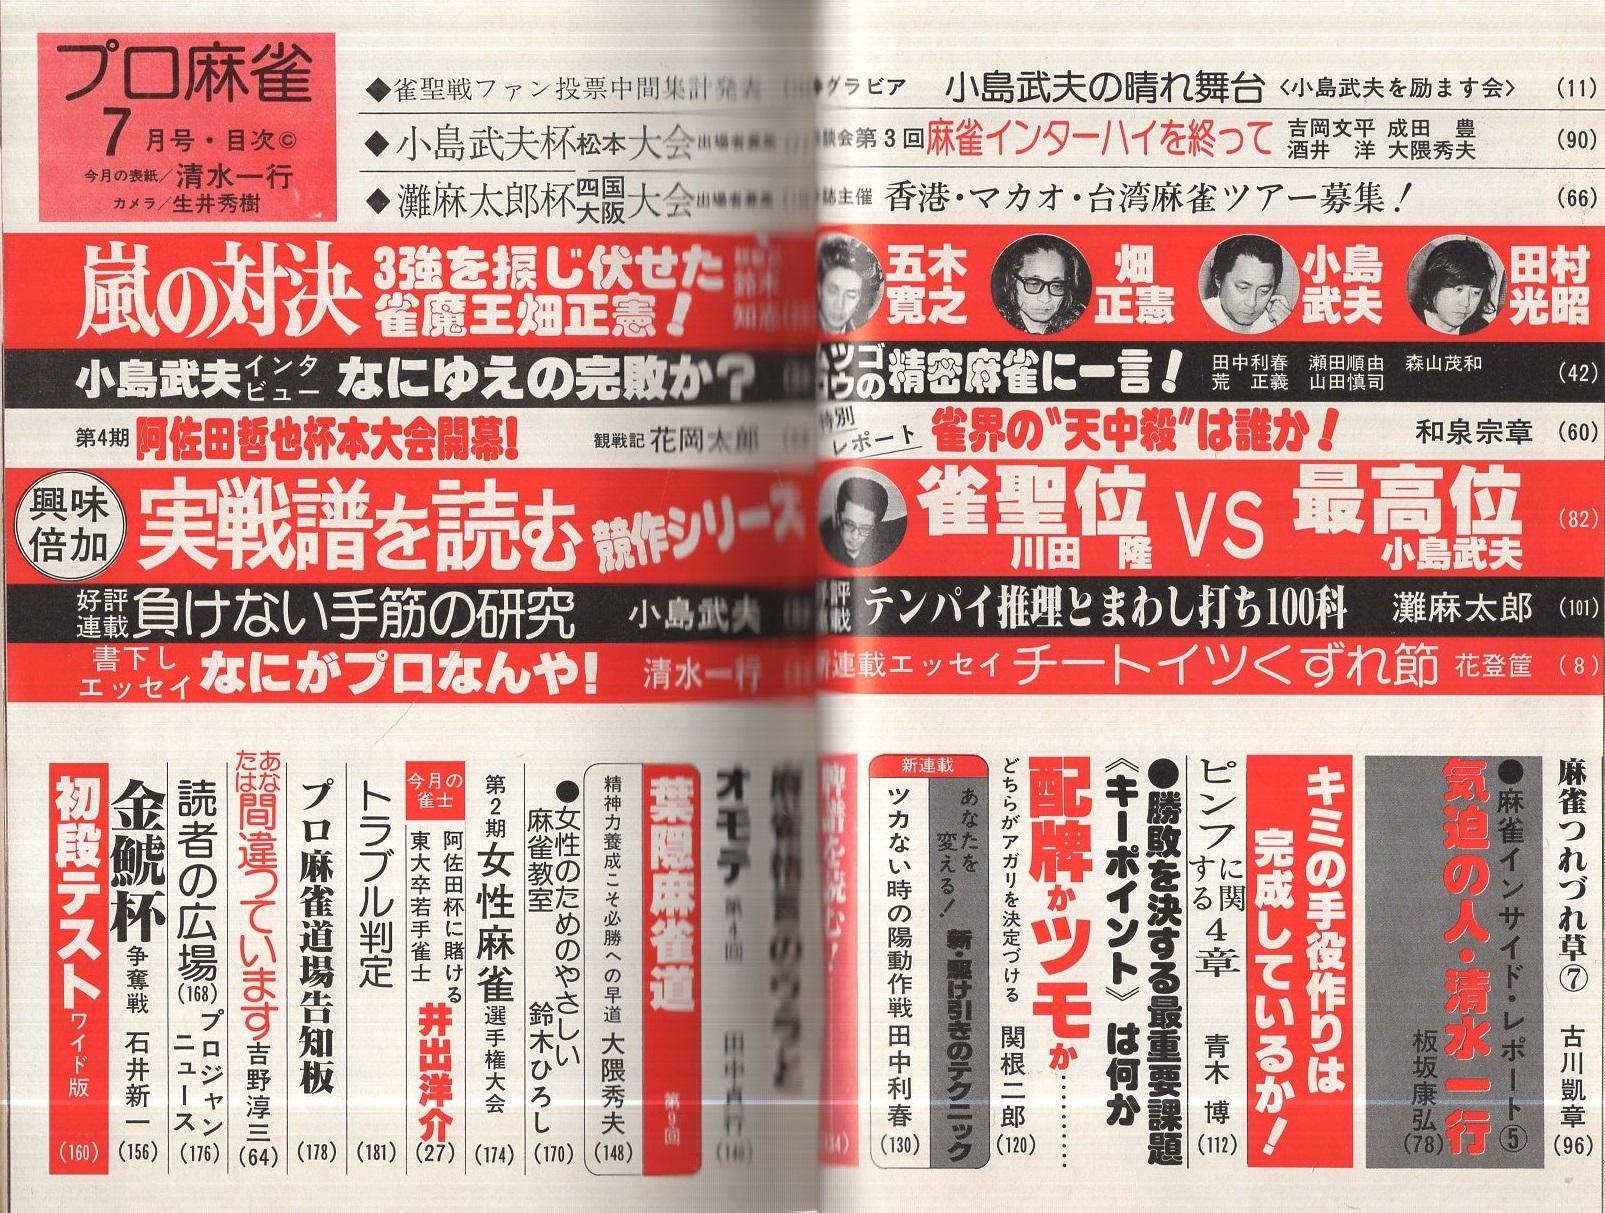 プロ麻雀 昭和54年7月号 表紙モデル・清水一行(〈嵐の対決 3強を捩じ ...